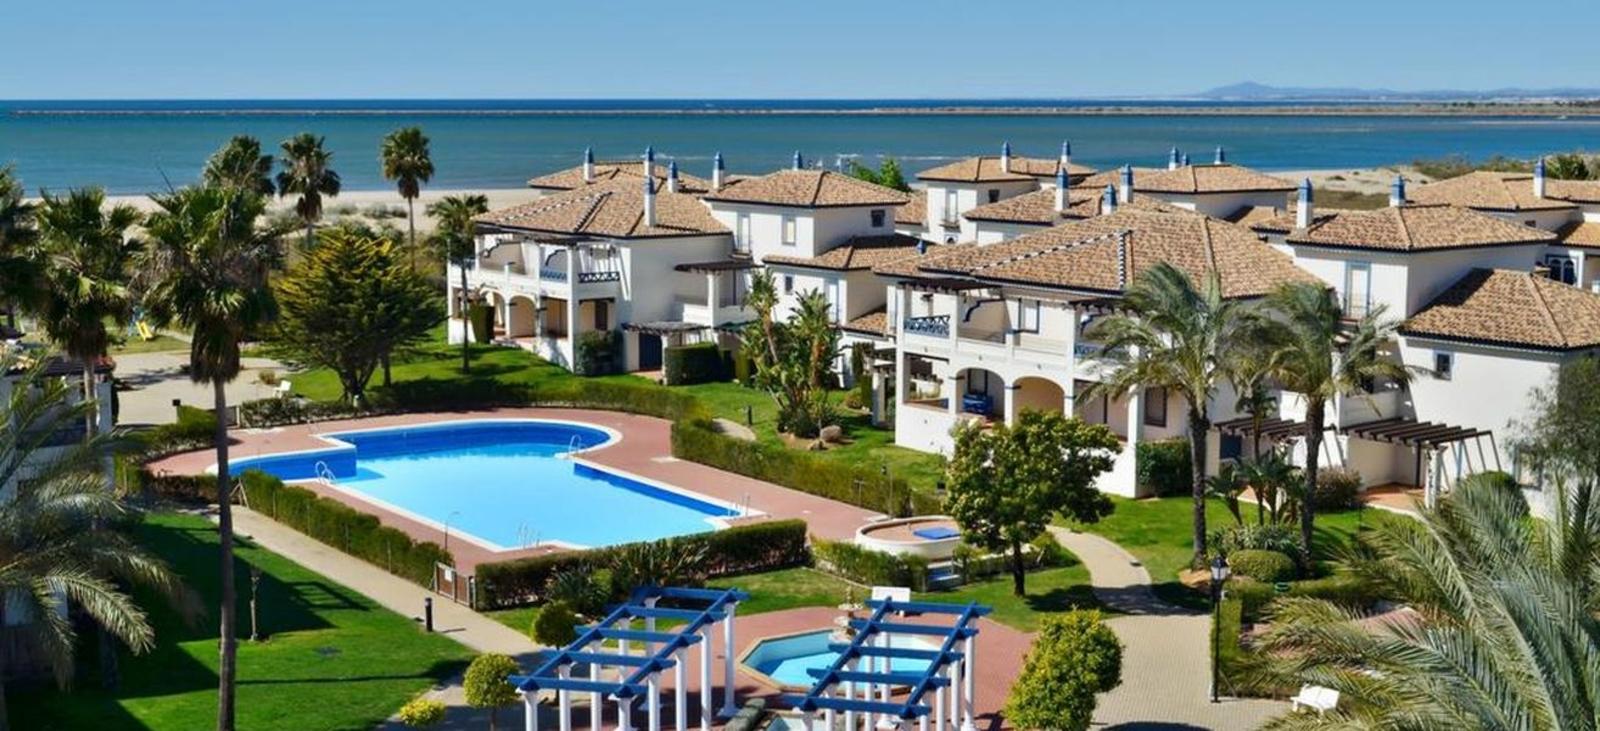 Los 5 mejores lugares de vacaciones en Huelva